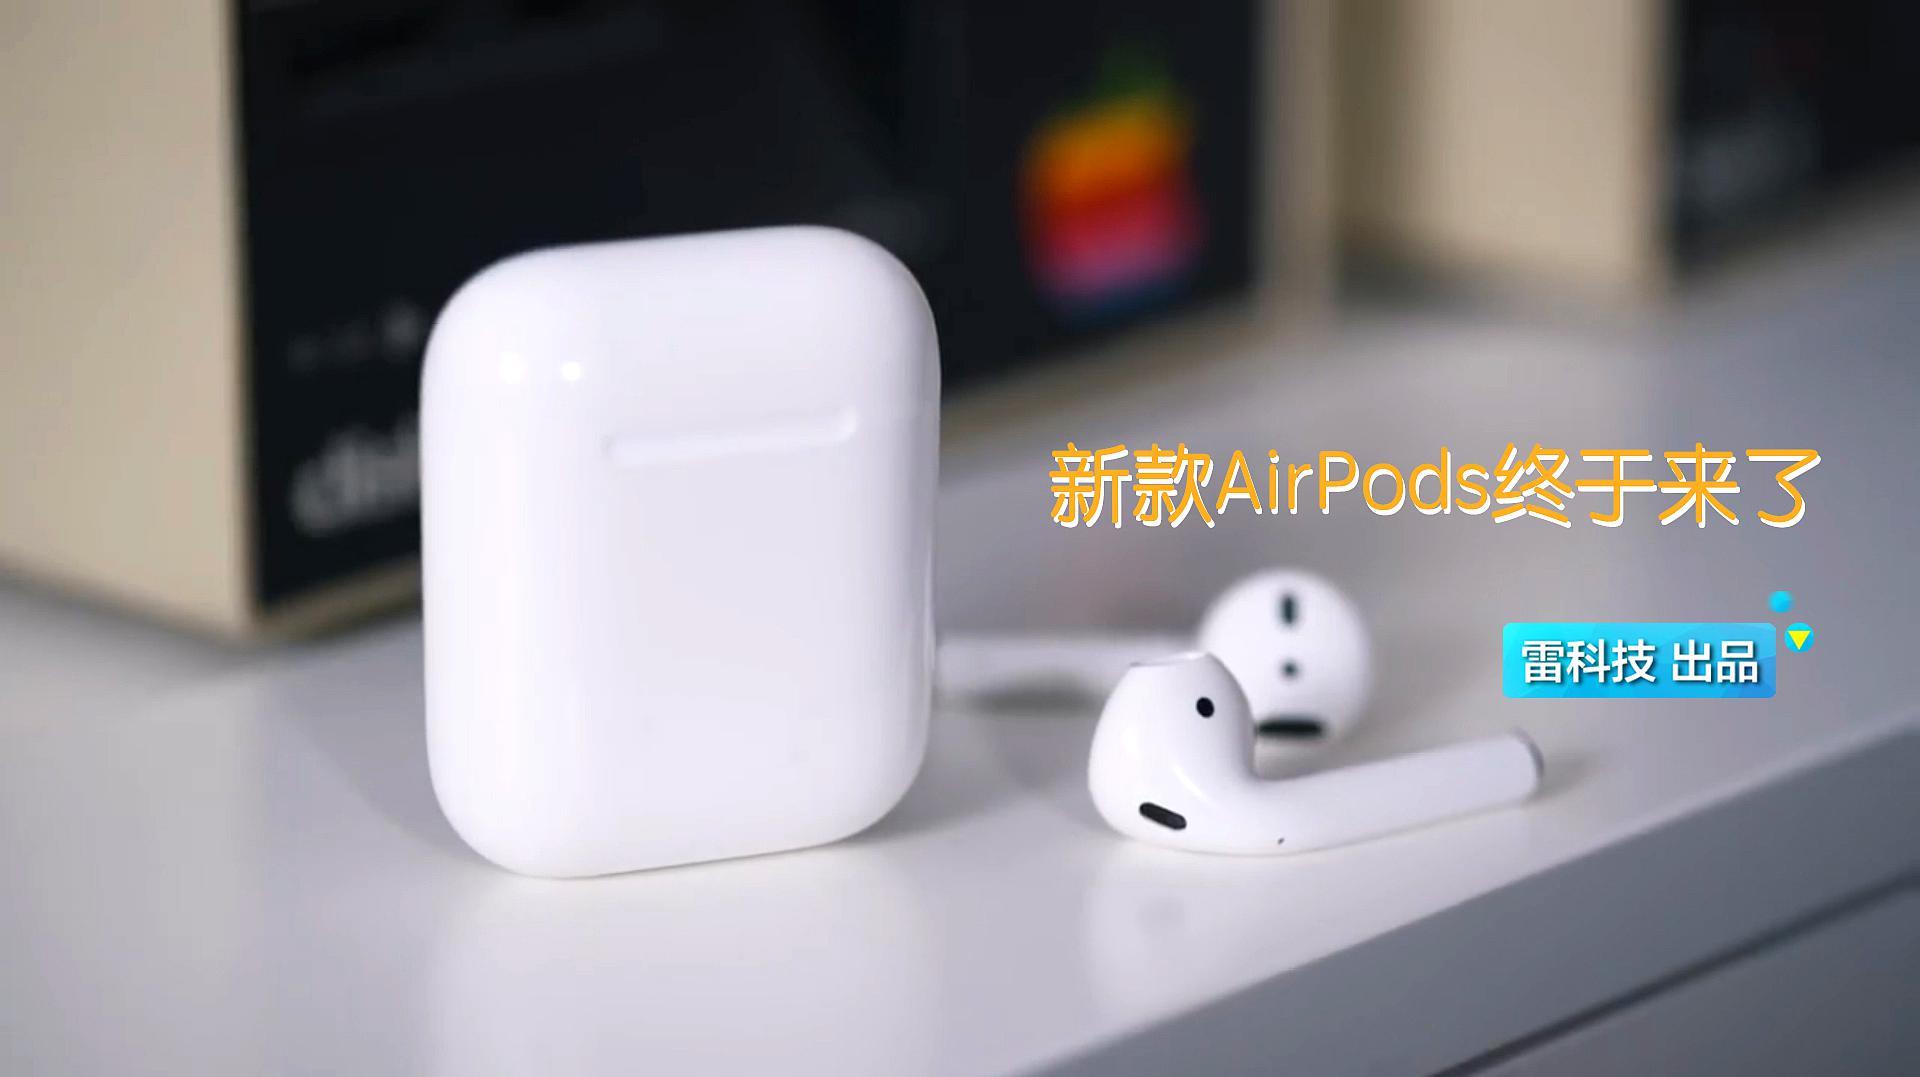 苹果新款无线耳机正式上架:支持无线充电,但外形几乎不变